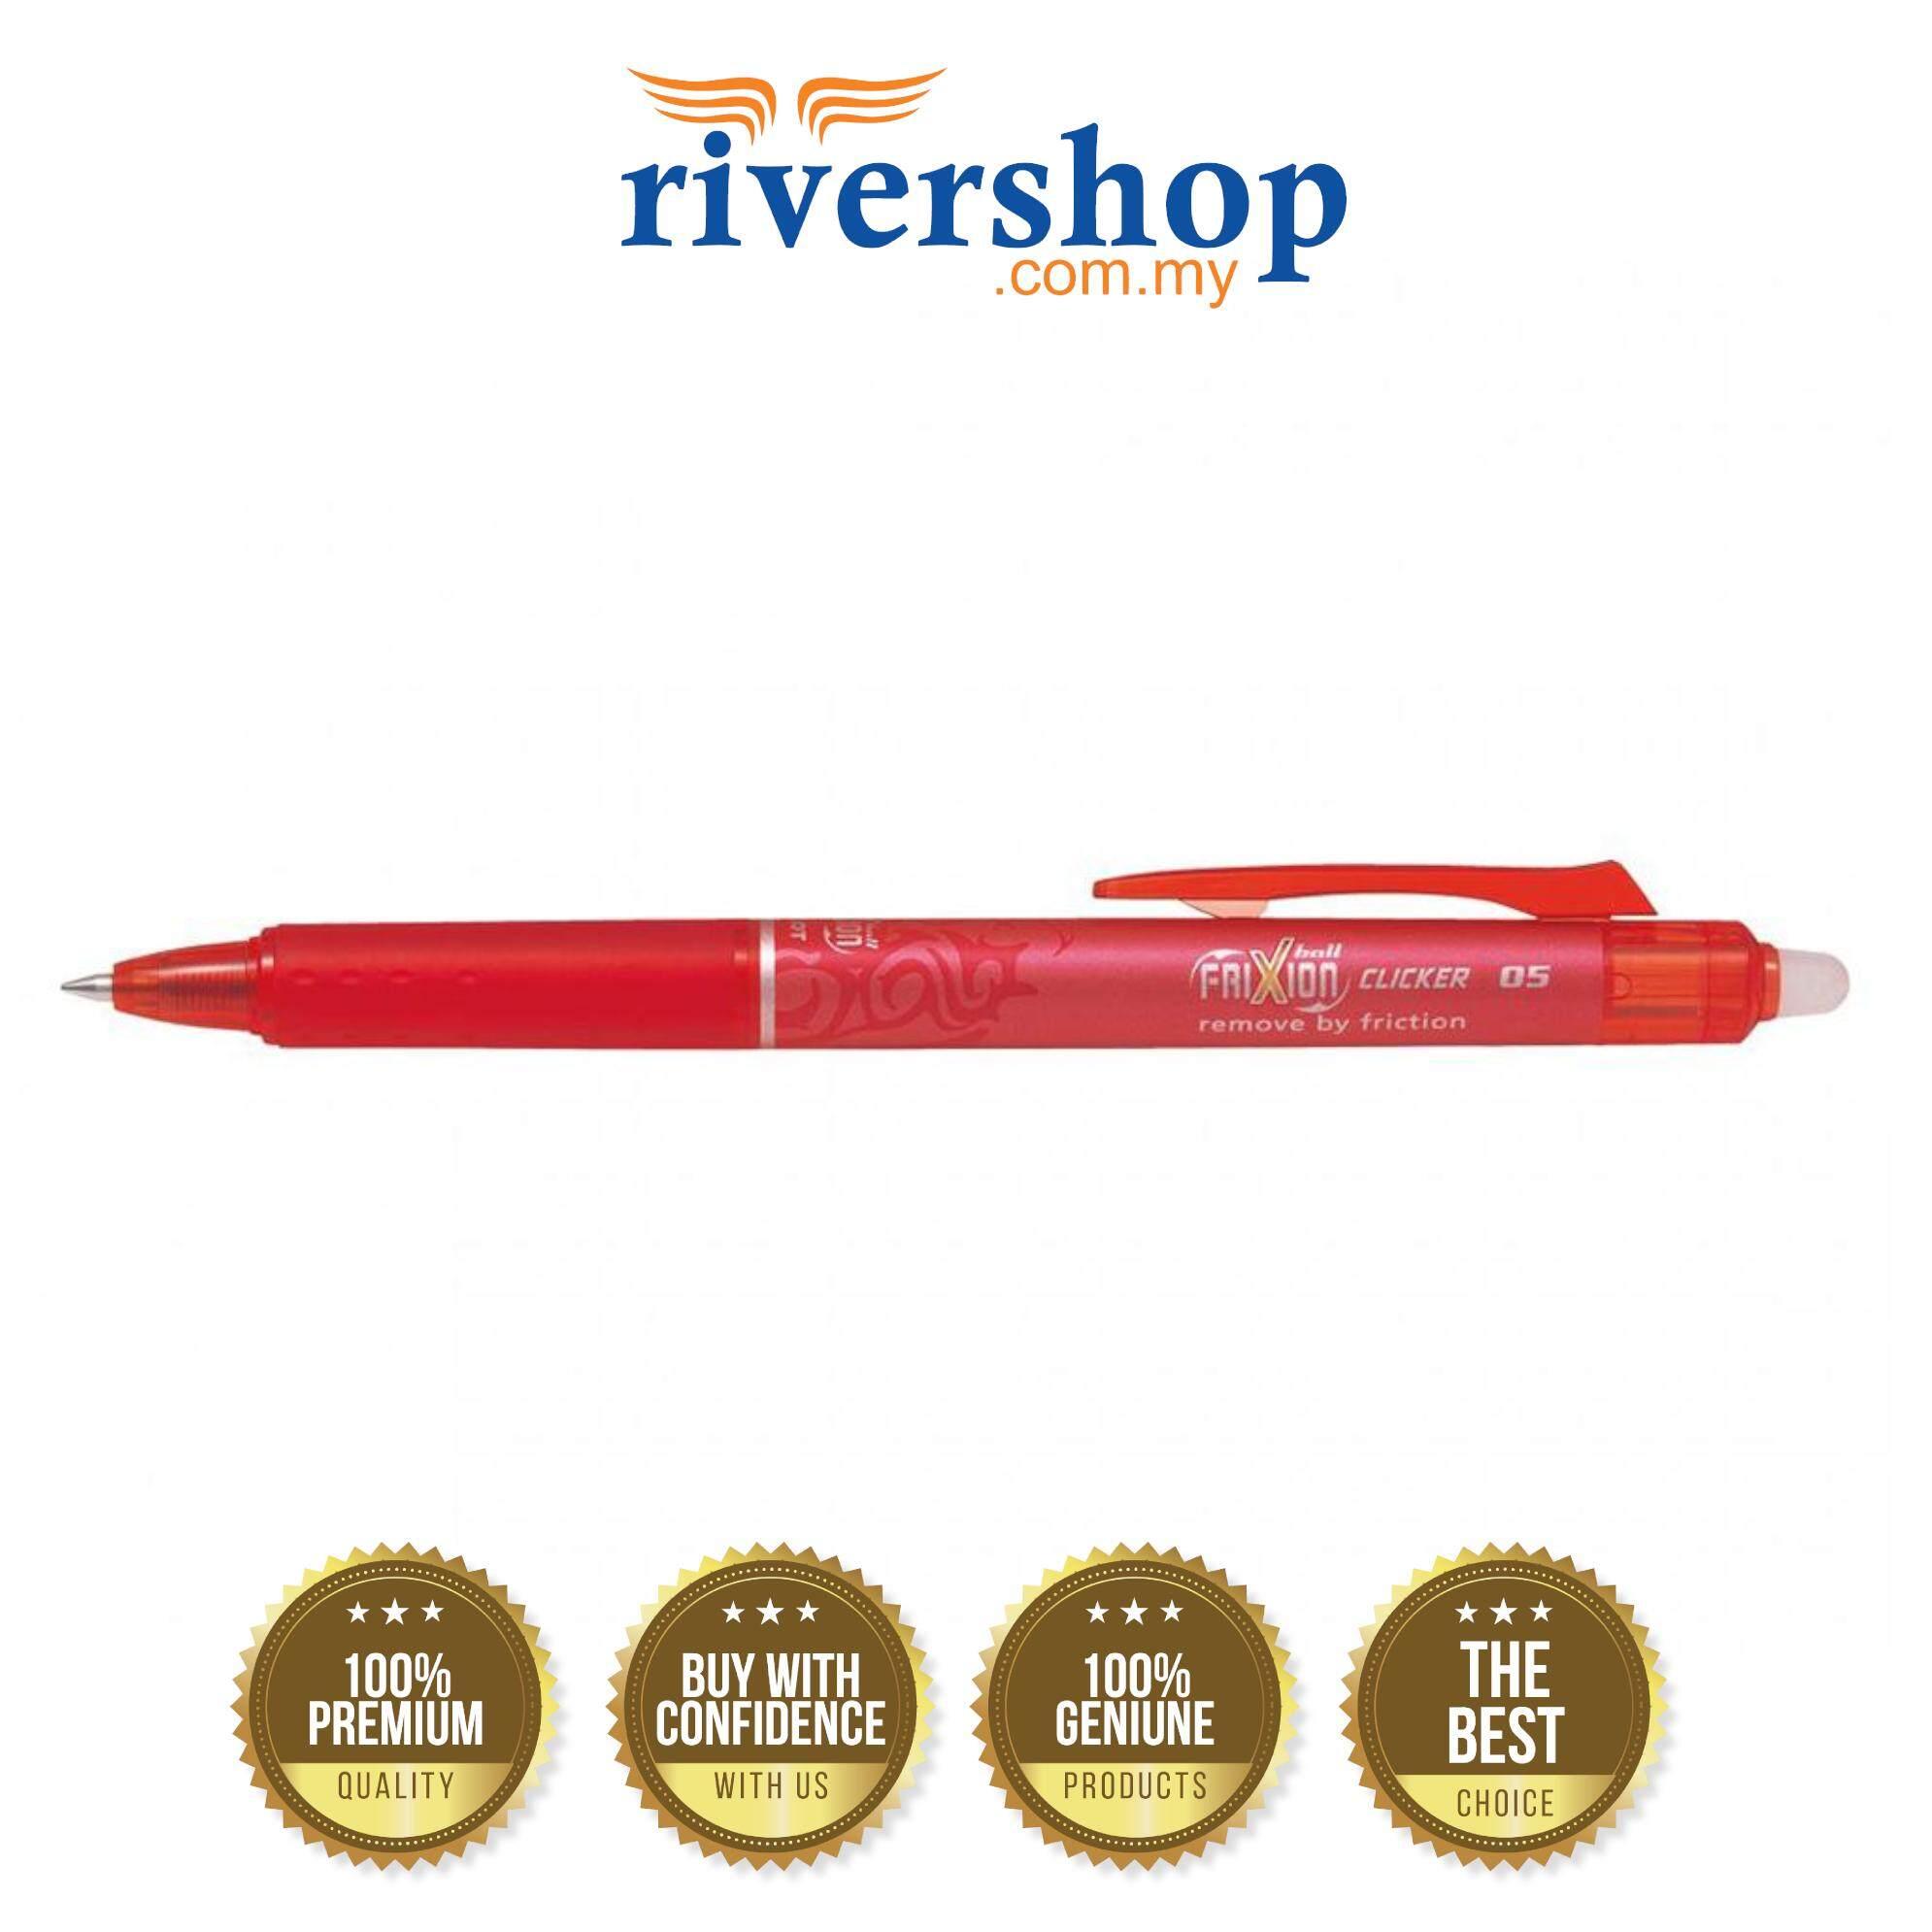 Pilot FriXion Ball Clicker - Erasable Gel Ink Pen 0.5mm RED (Item No: A01-16 FXBC0.5R) A1R1B217